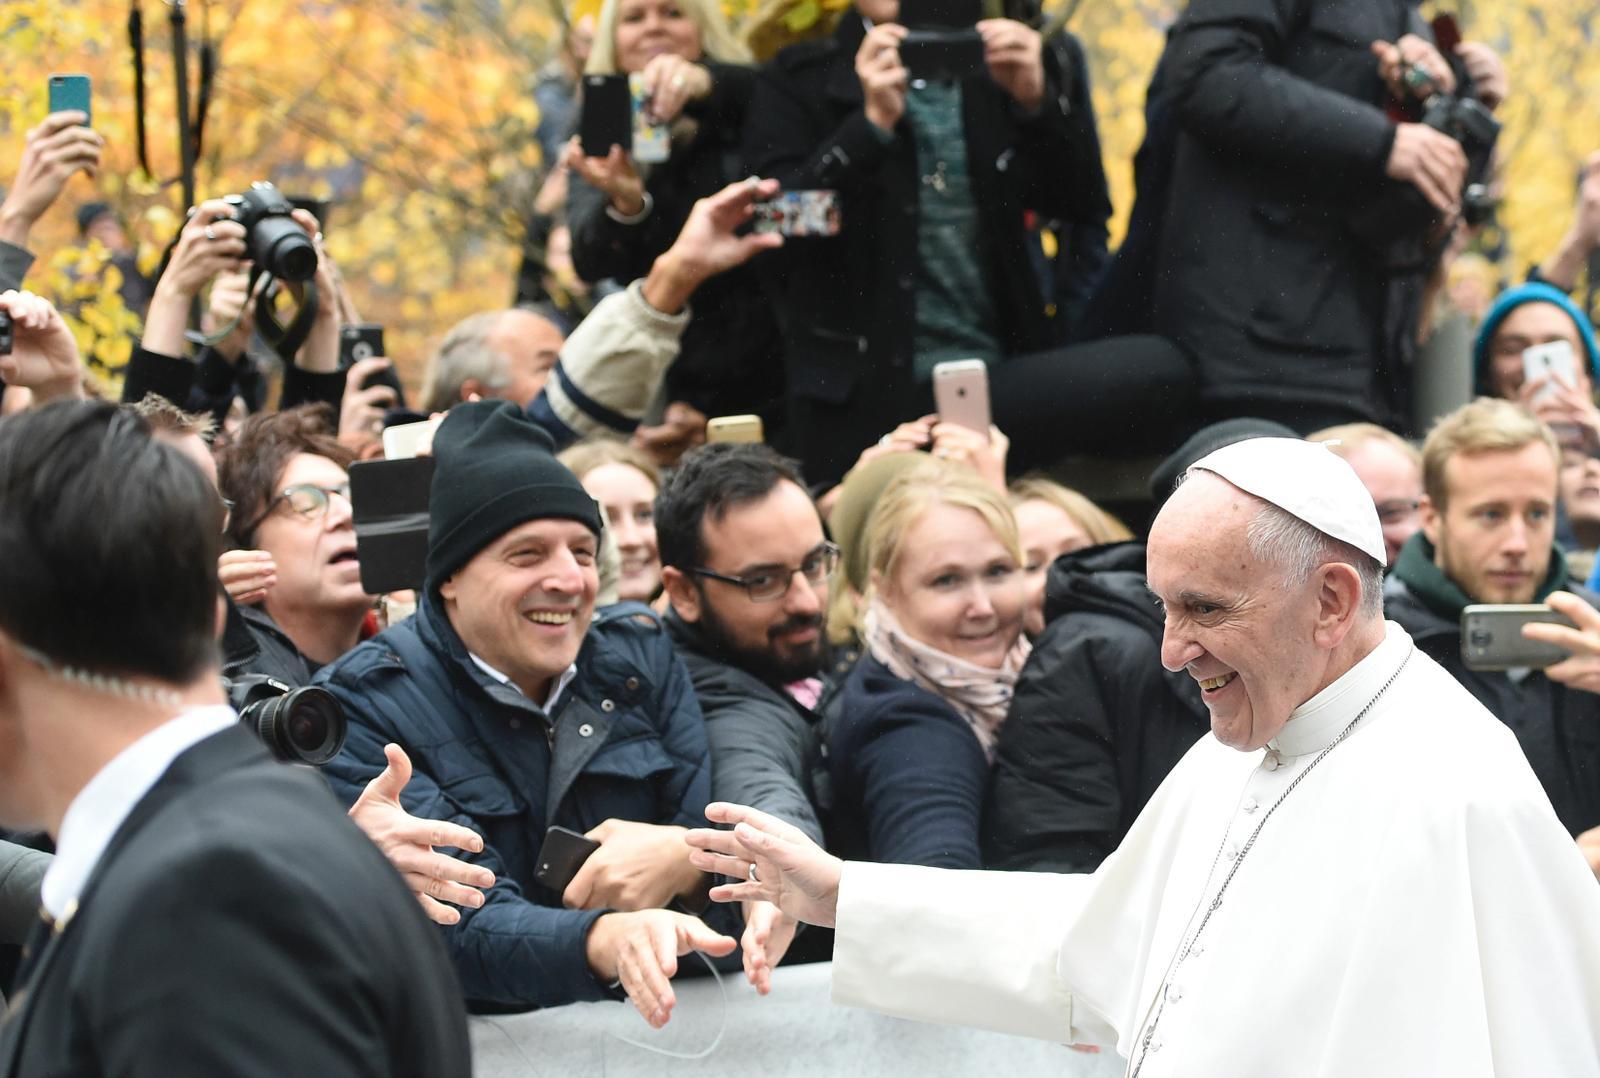 Завершился Апостольский визит Папы Франциска в Швецию